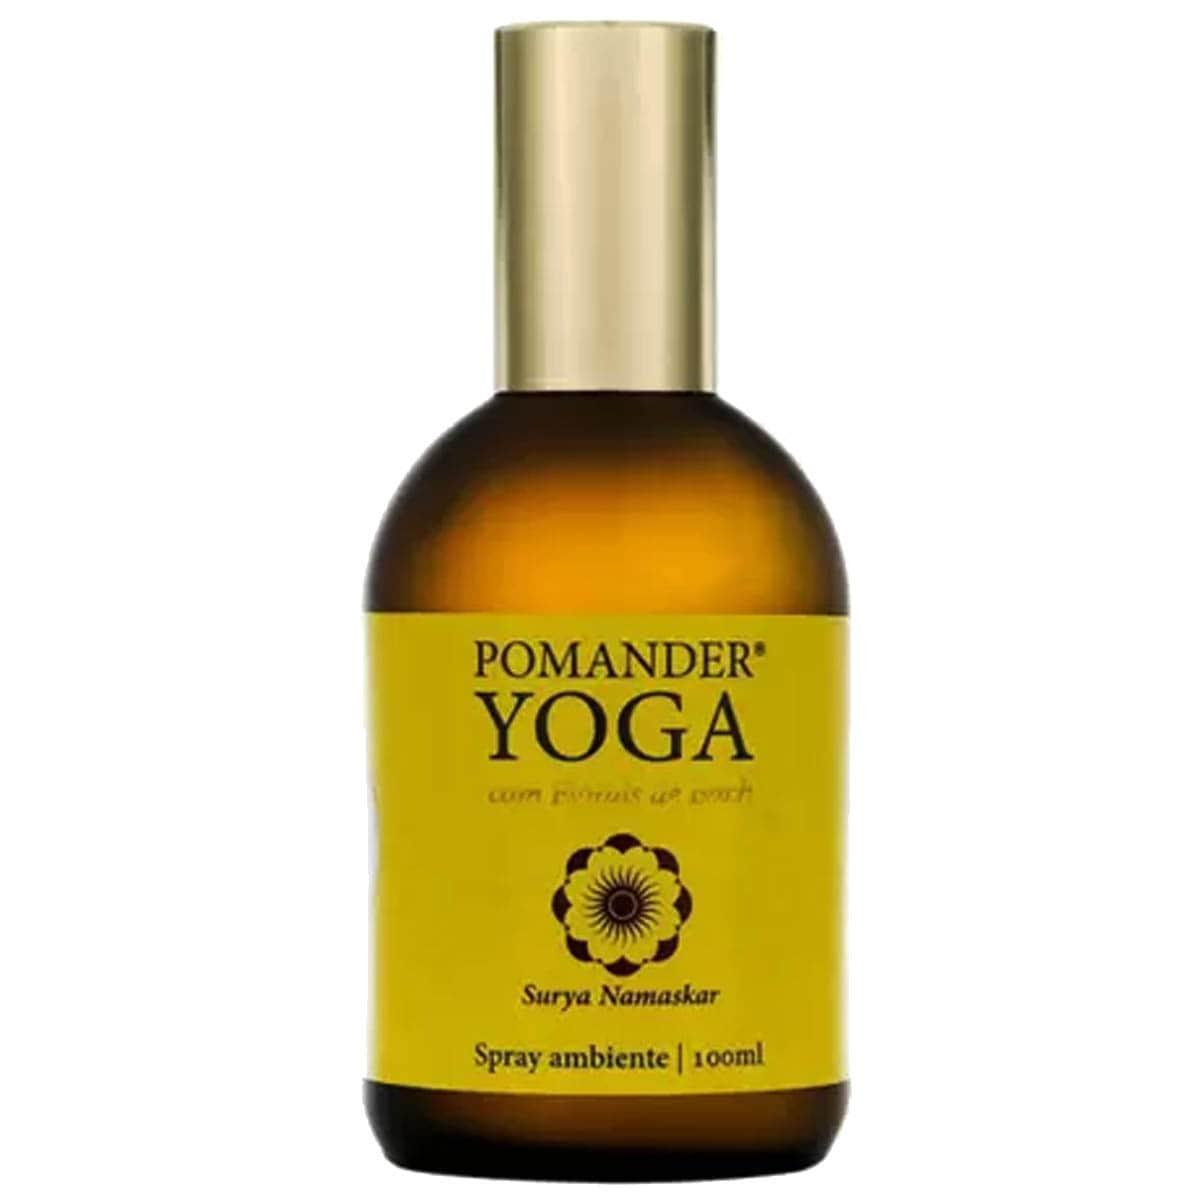 Pomander yoga surya namaskar 100ml - Monas flower